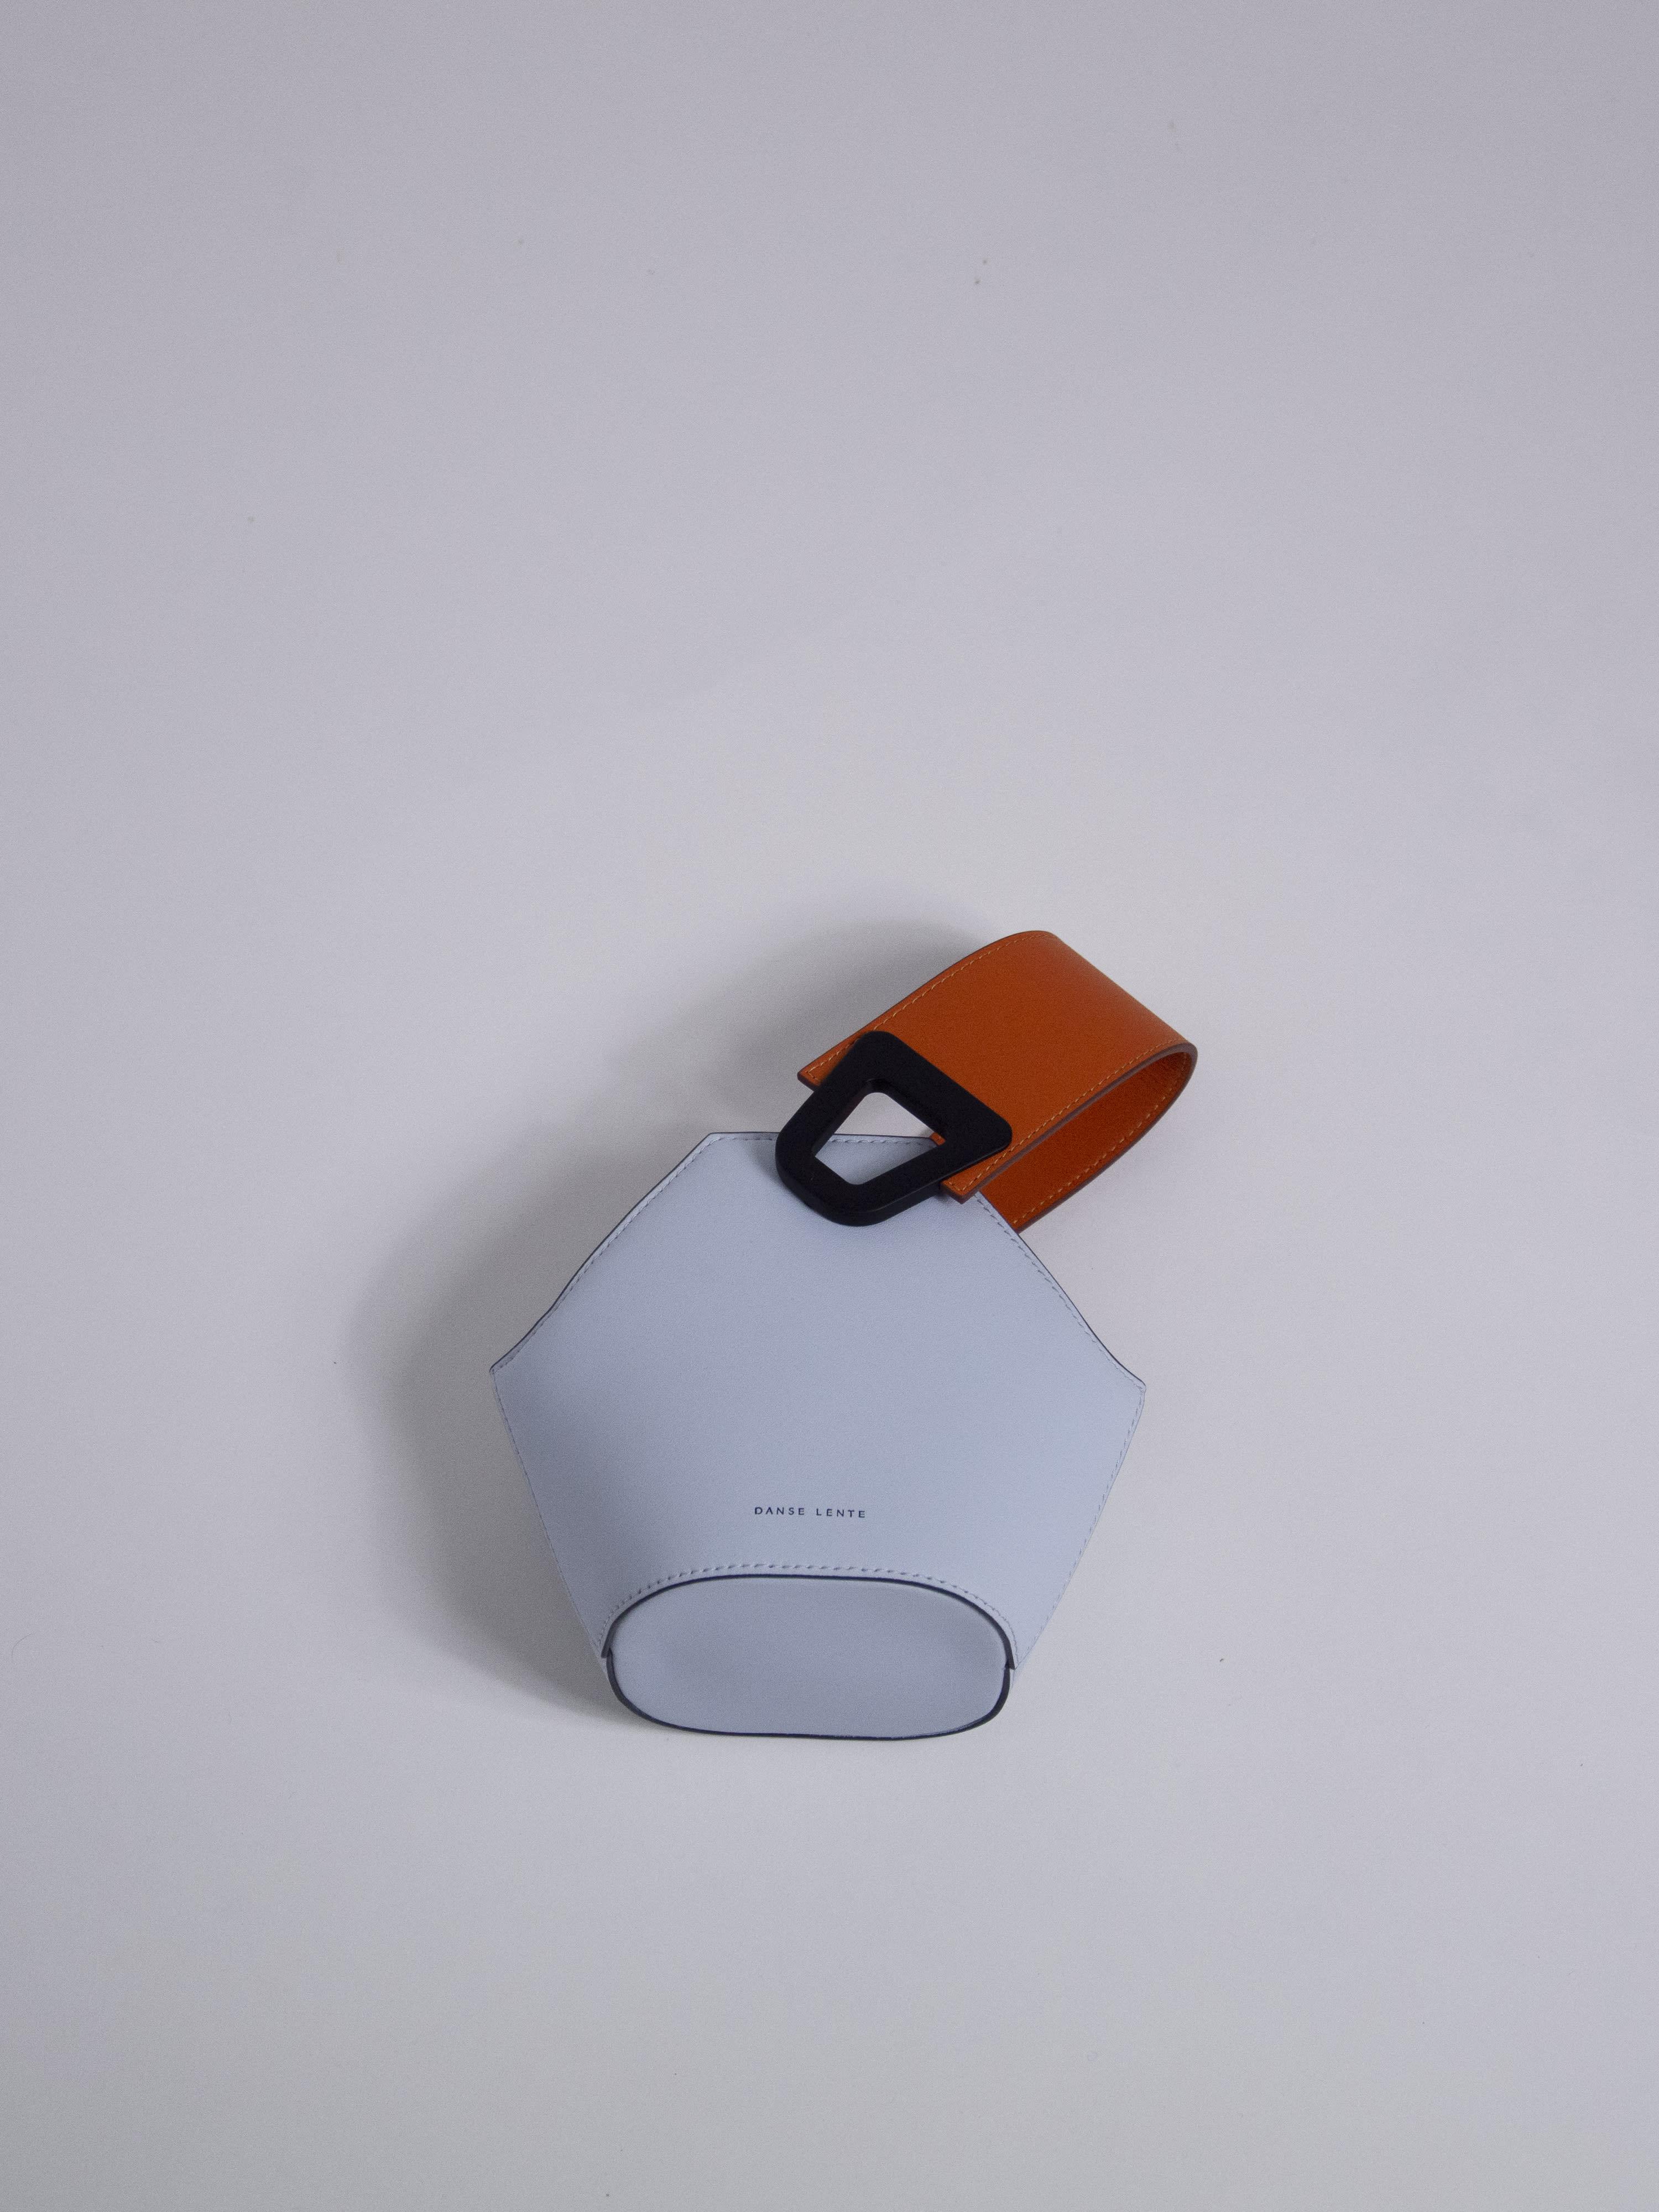 Packshot du produit Sac Seau Pastel de la catégorie Accessoires